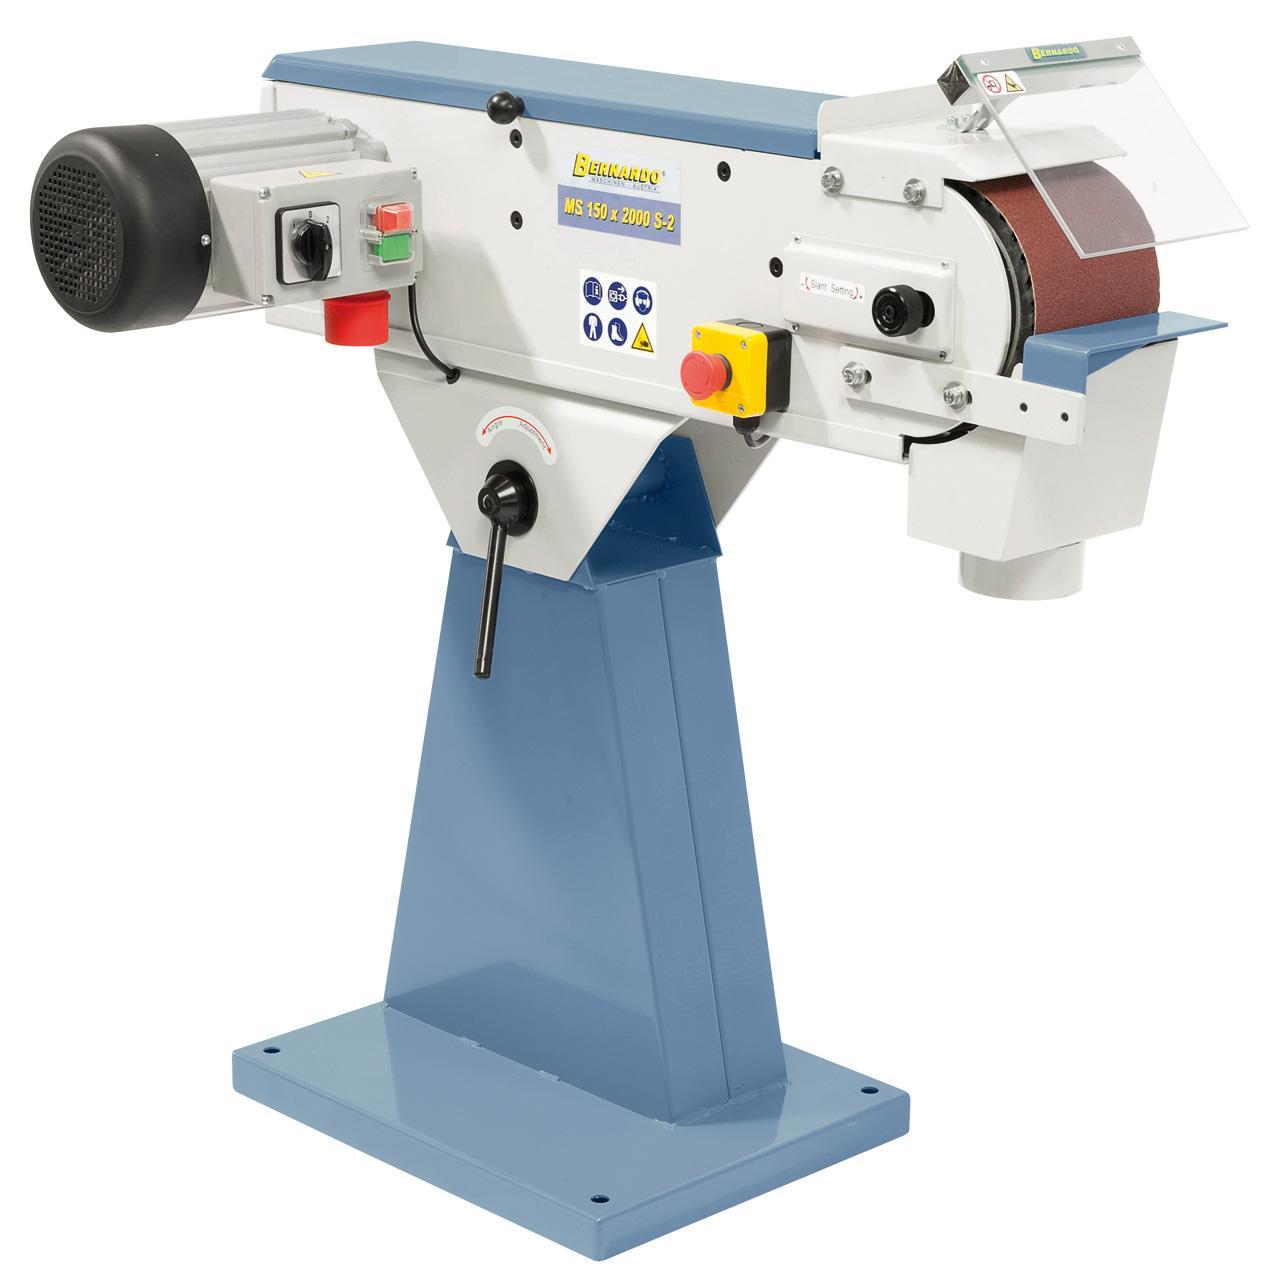 MS 150 x 2000 S-2 båndsliber med 2 hastigheder